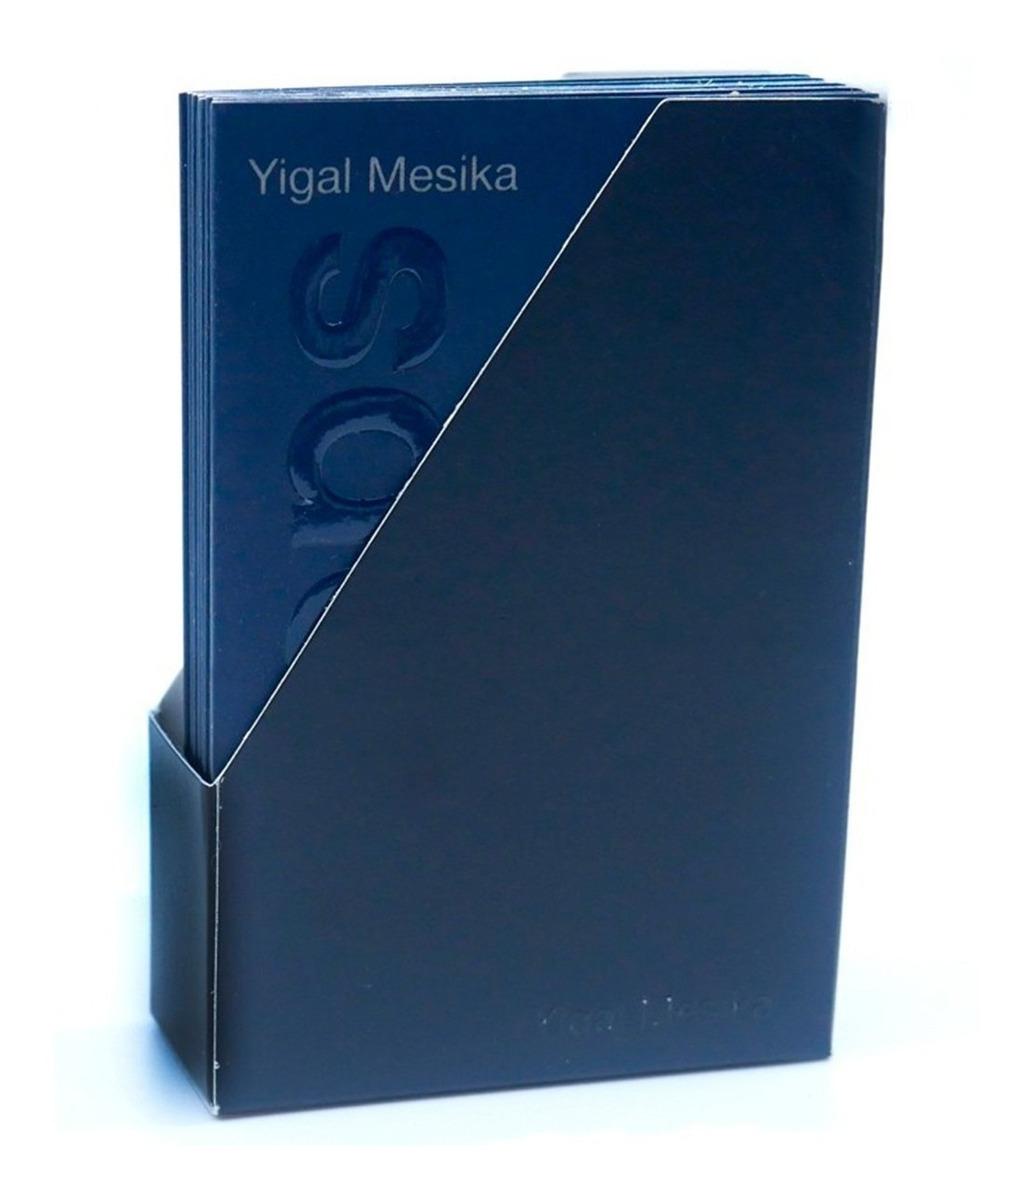 con 5 - Yigal Mesika Mesika Sobre de Loops